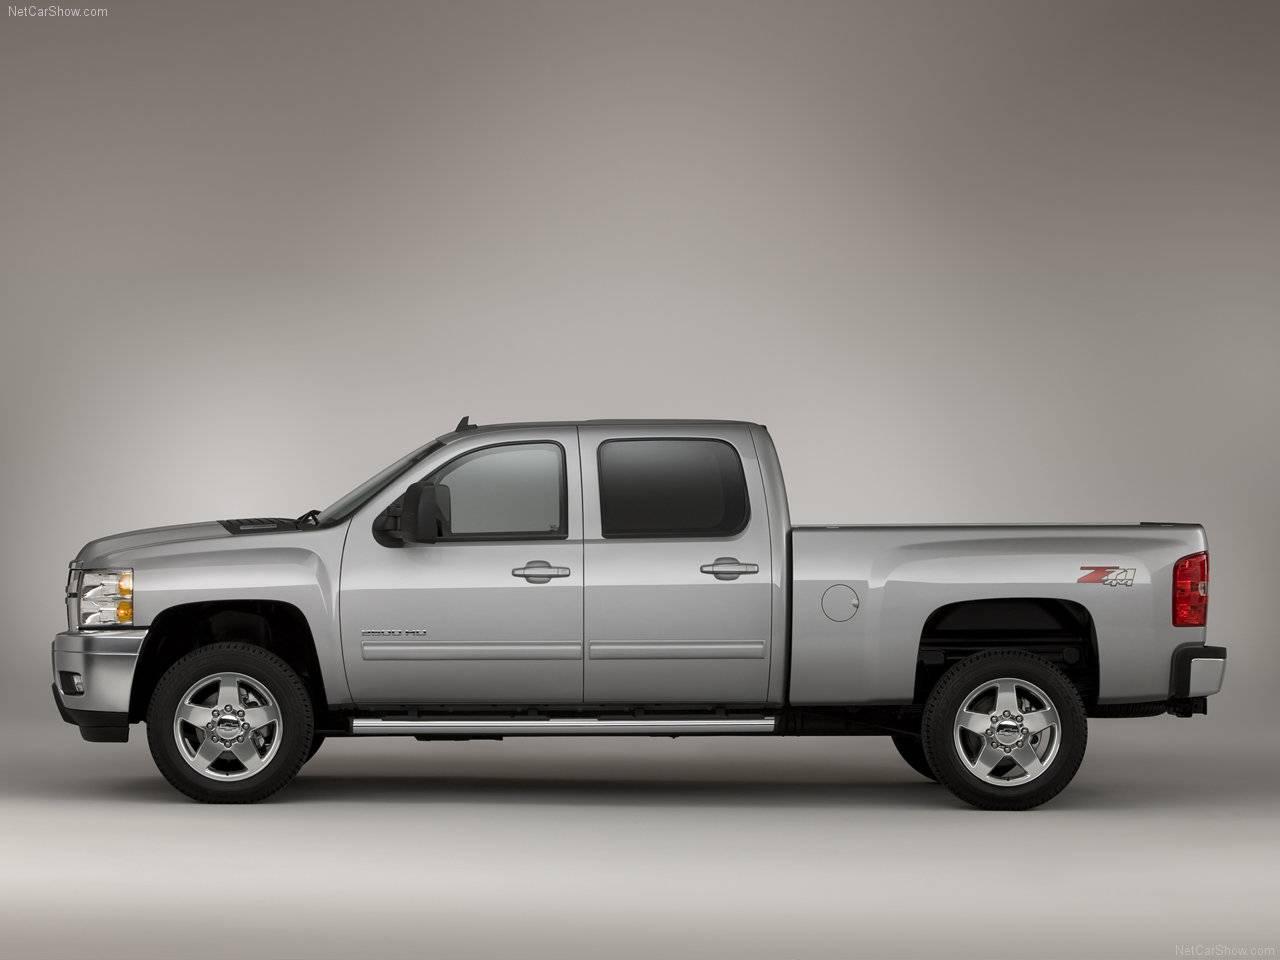 Super camionetas: Chevrolet Silverado 2011 & Silverado 3